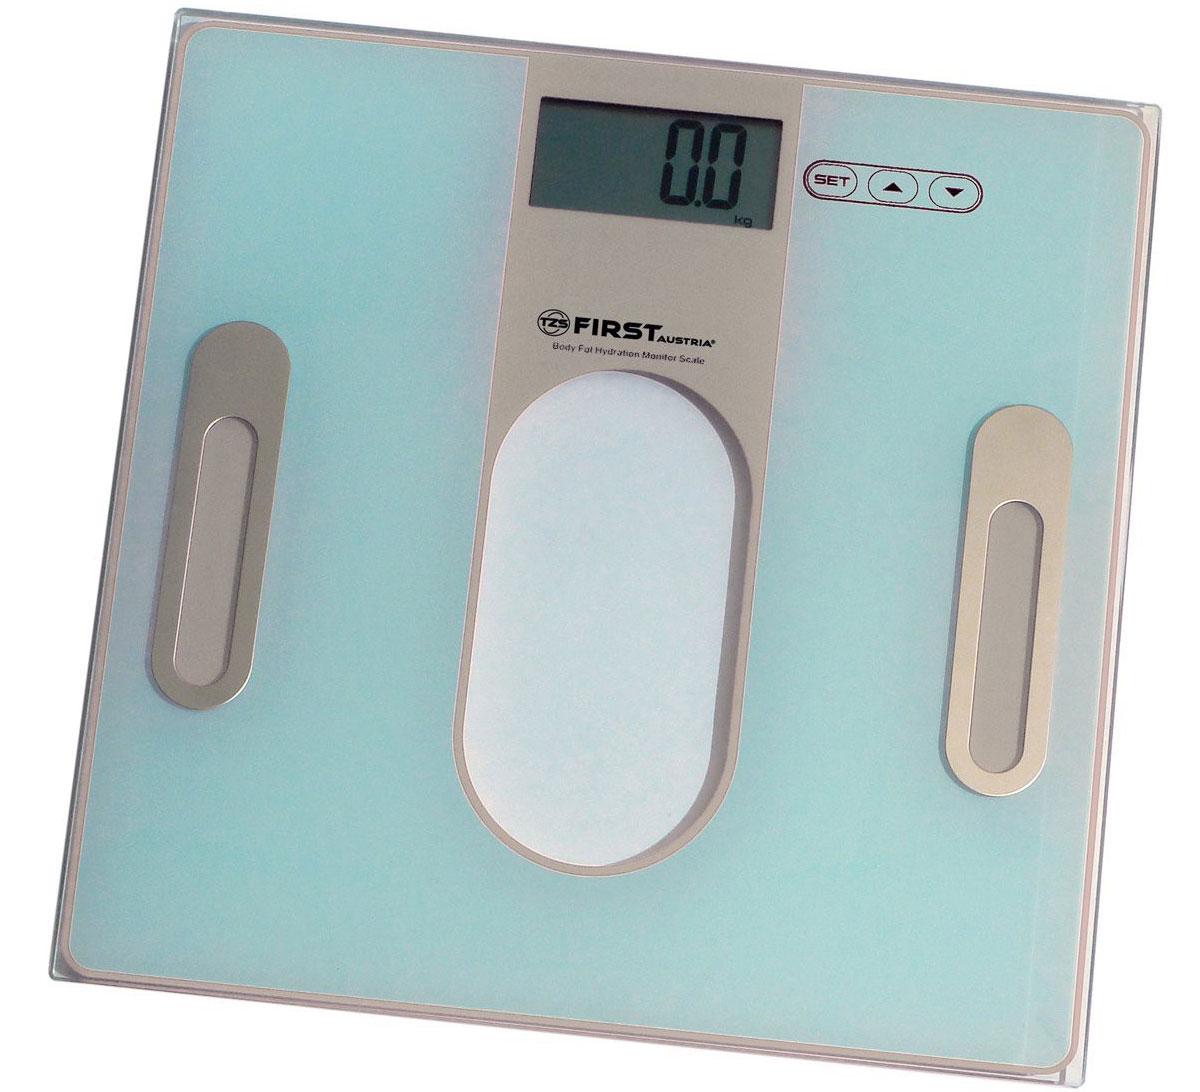 First 8006-2, Grey весы напольныеFA-8006-2 GreyСтильные напольные весы First 8006-2 помогут не только контролировать свой вес с точностью 100 грамм, но и станут еще одним атрибутом любого интерьера, так как имеют устойчивую и особо прочную стеклянную платформу. Корпус весов сверхтонкий, на нем расположен удобный жидкокристаллический дисплей с диагональю 1,4. Весы имеют функцию памяти на 12 пользователей.